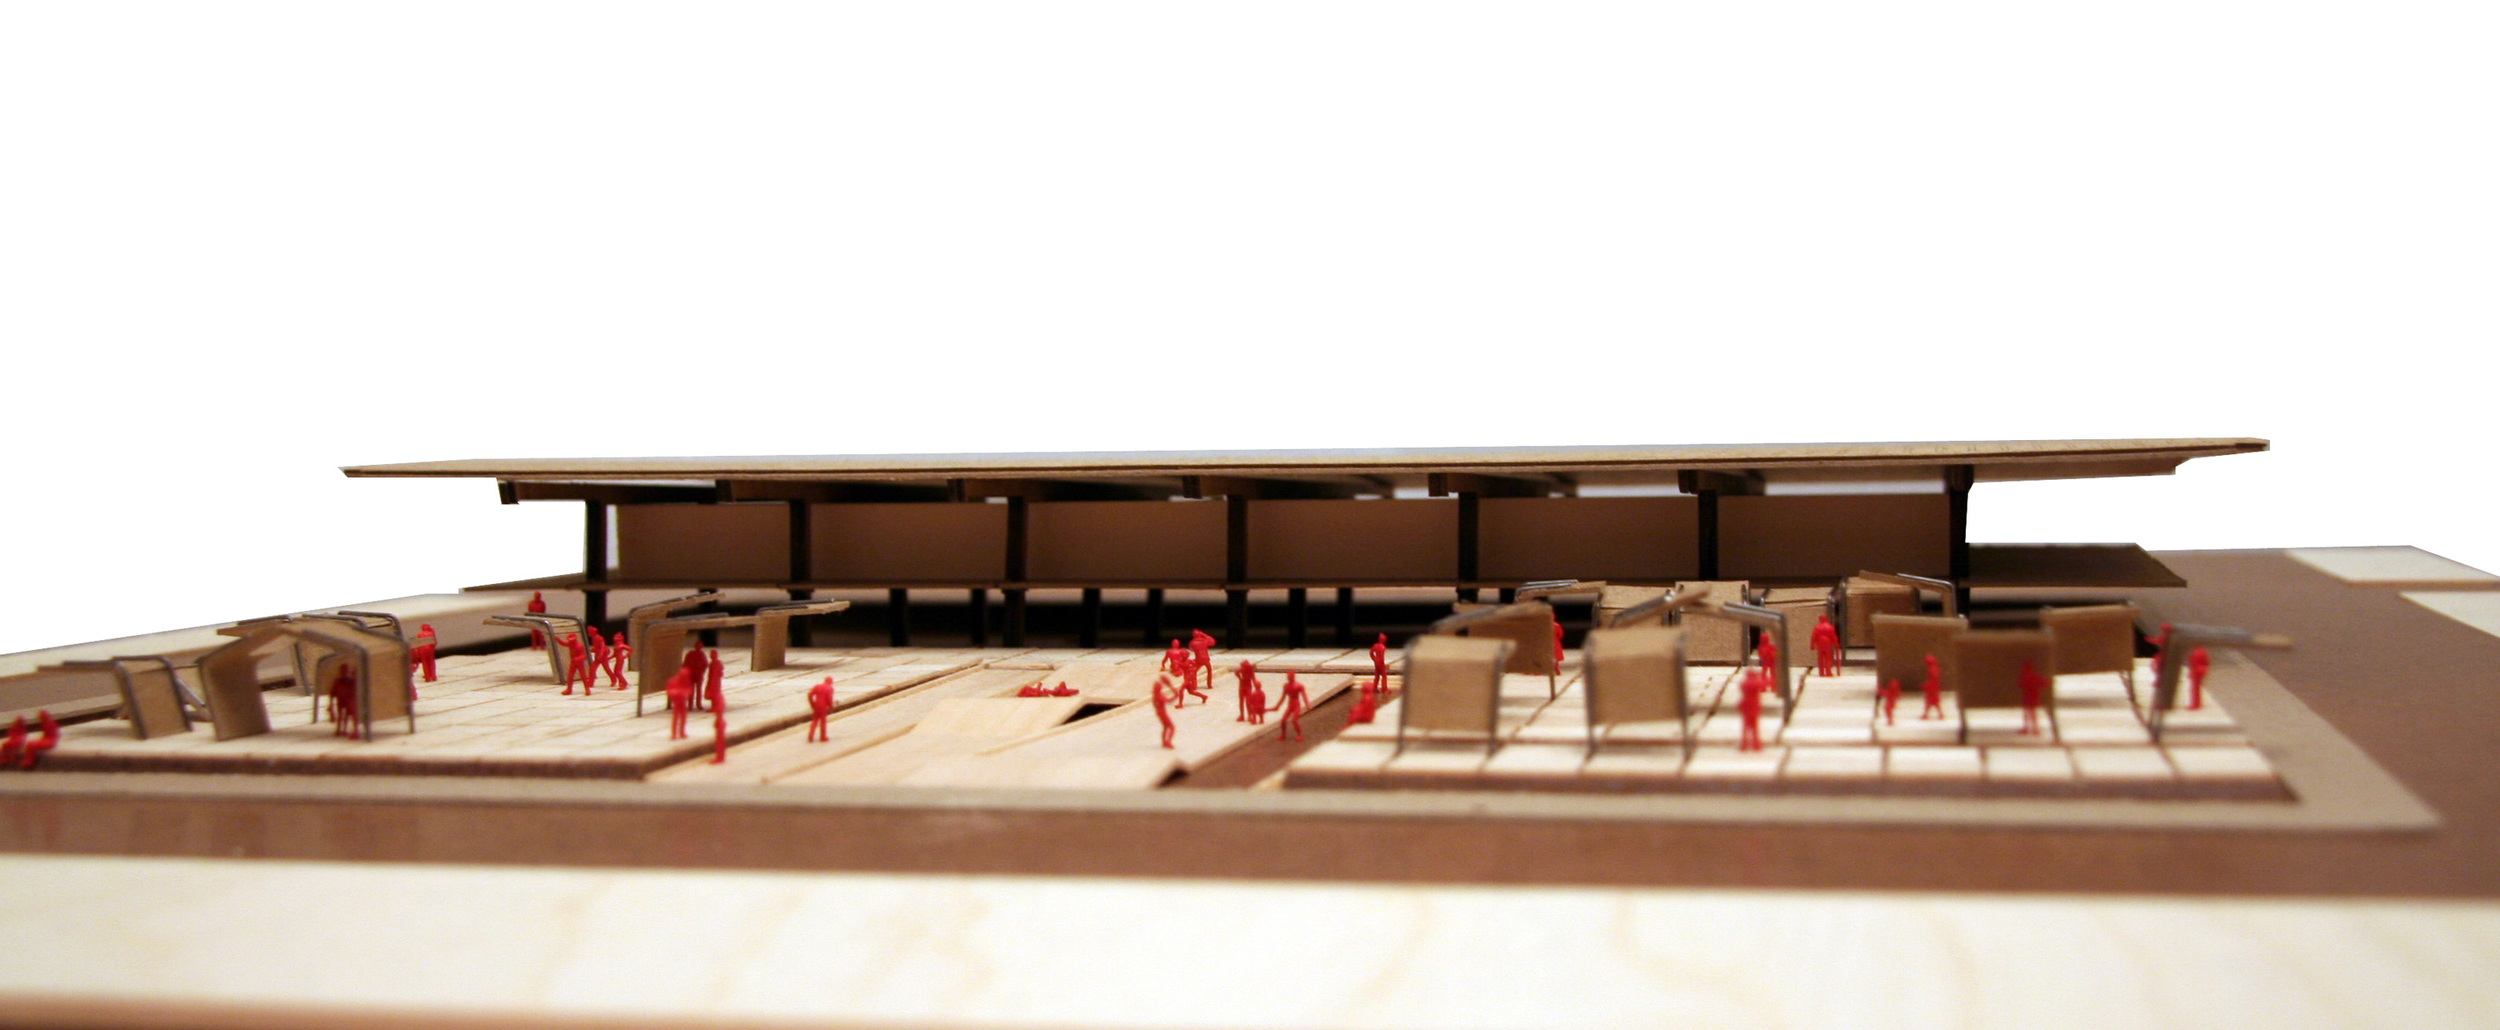 houston model_3.jpg